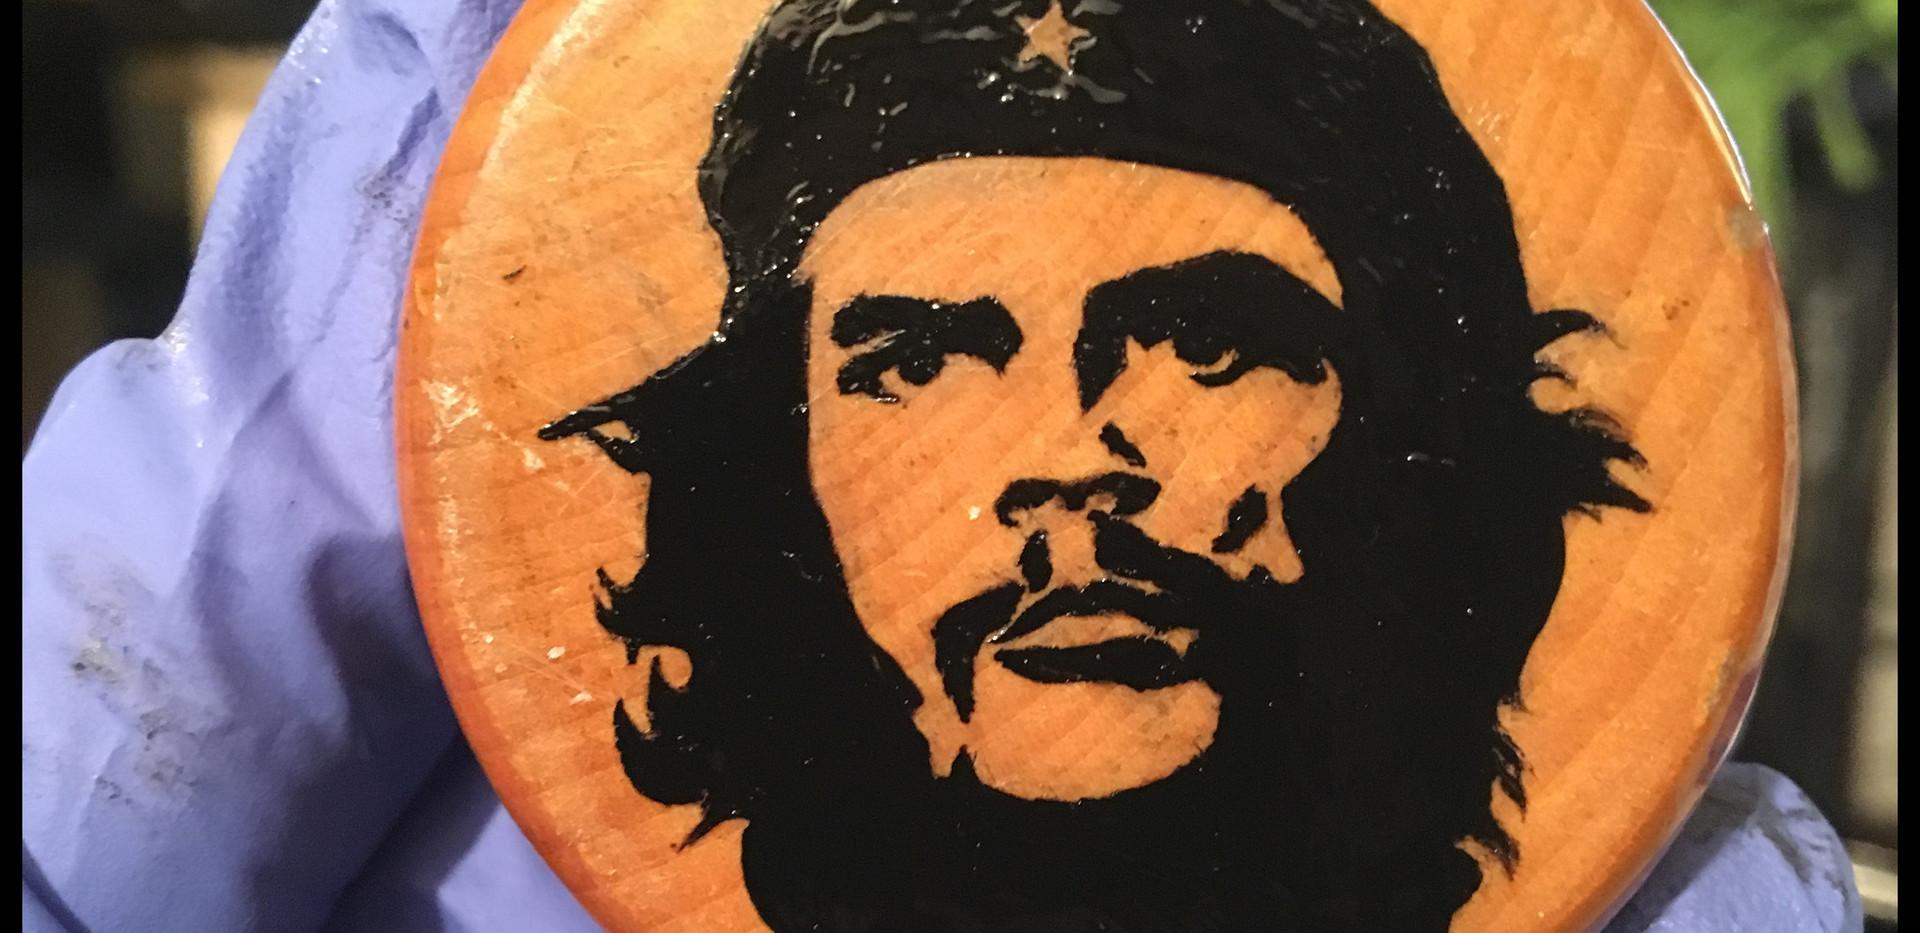 grinder-che-portrait-oil-paint-silhouett